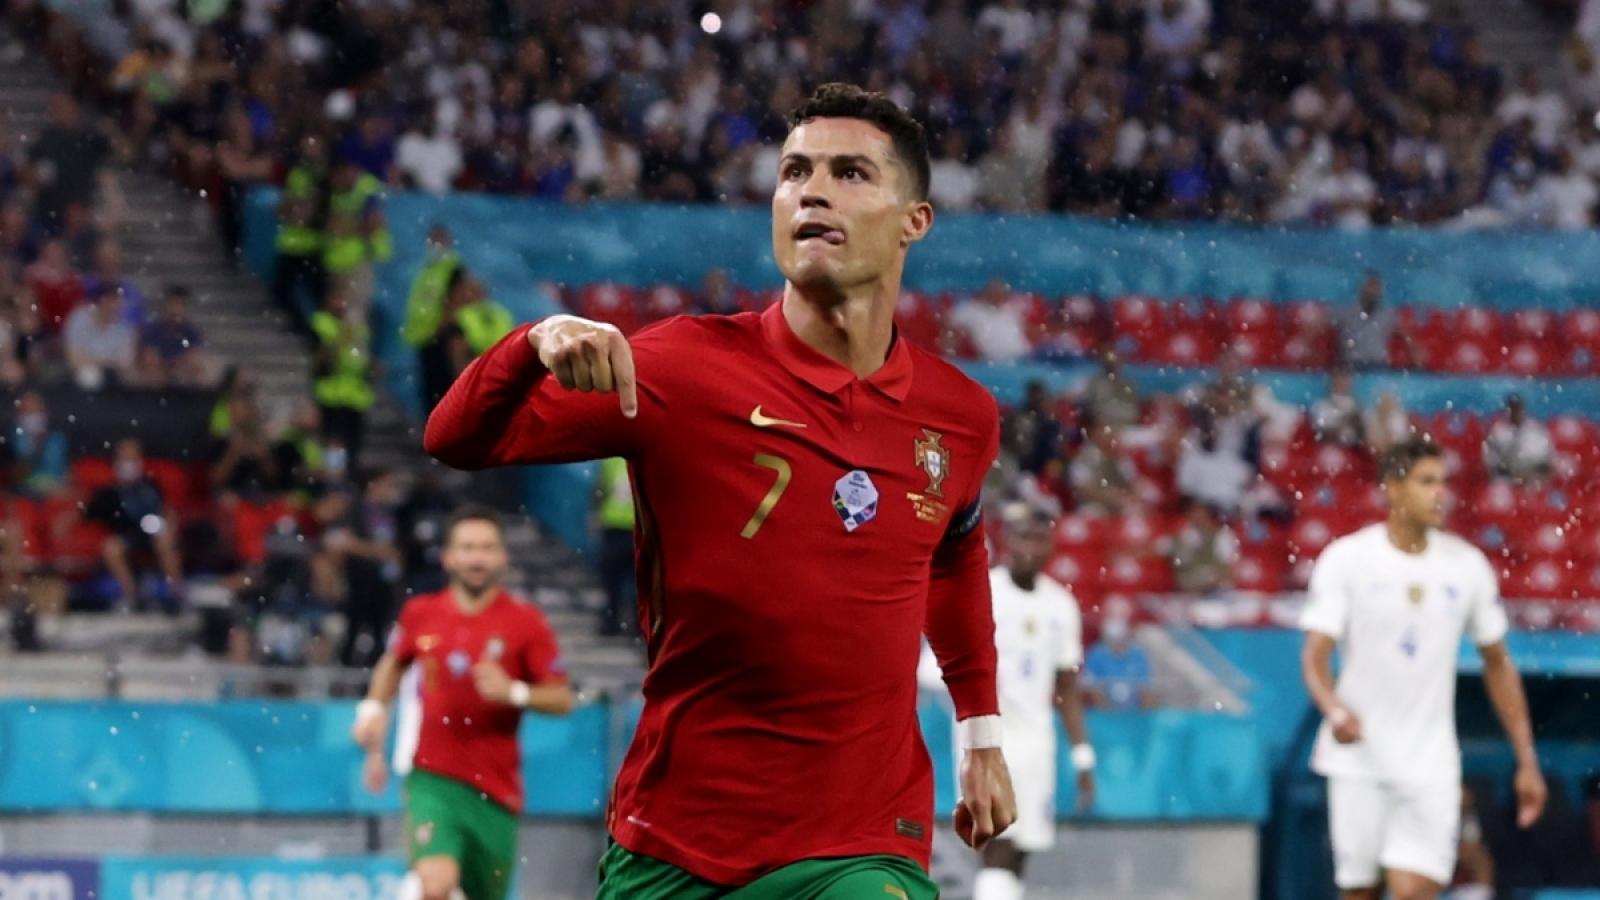 Xác định các cặp đấu ở vòng 1/8 EURO 2021: Bồ Đào Nha đấu Bỉ, Đức so tài Anh